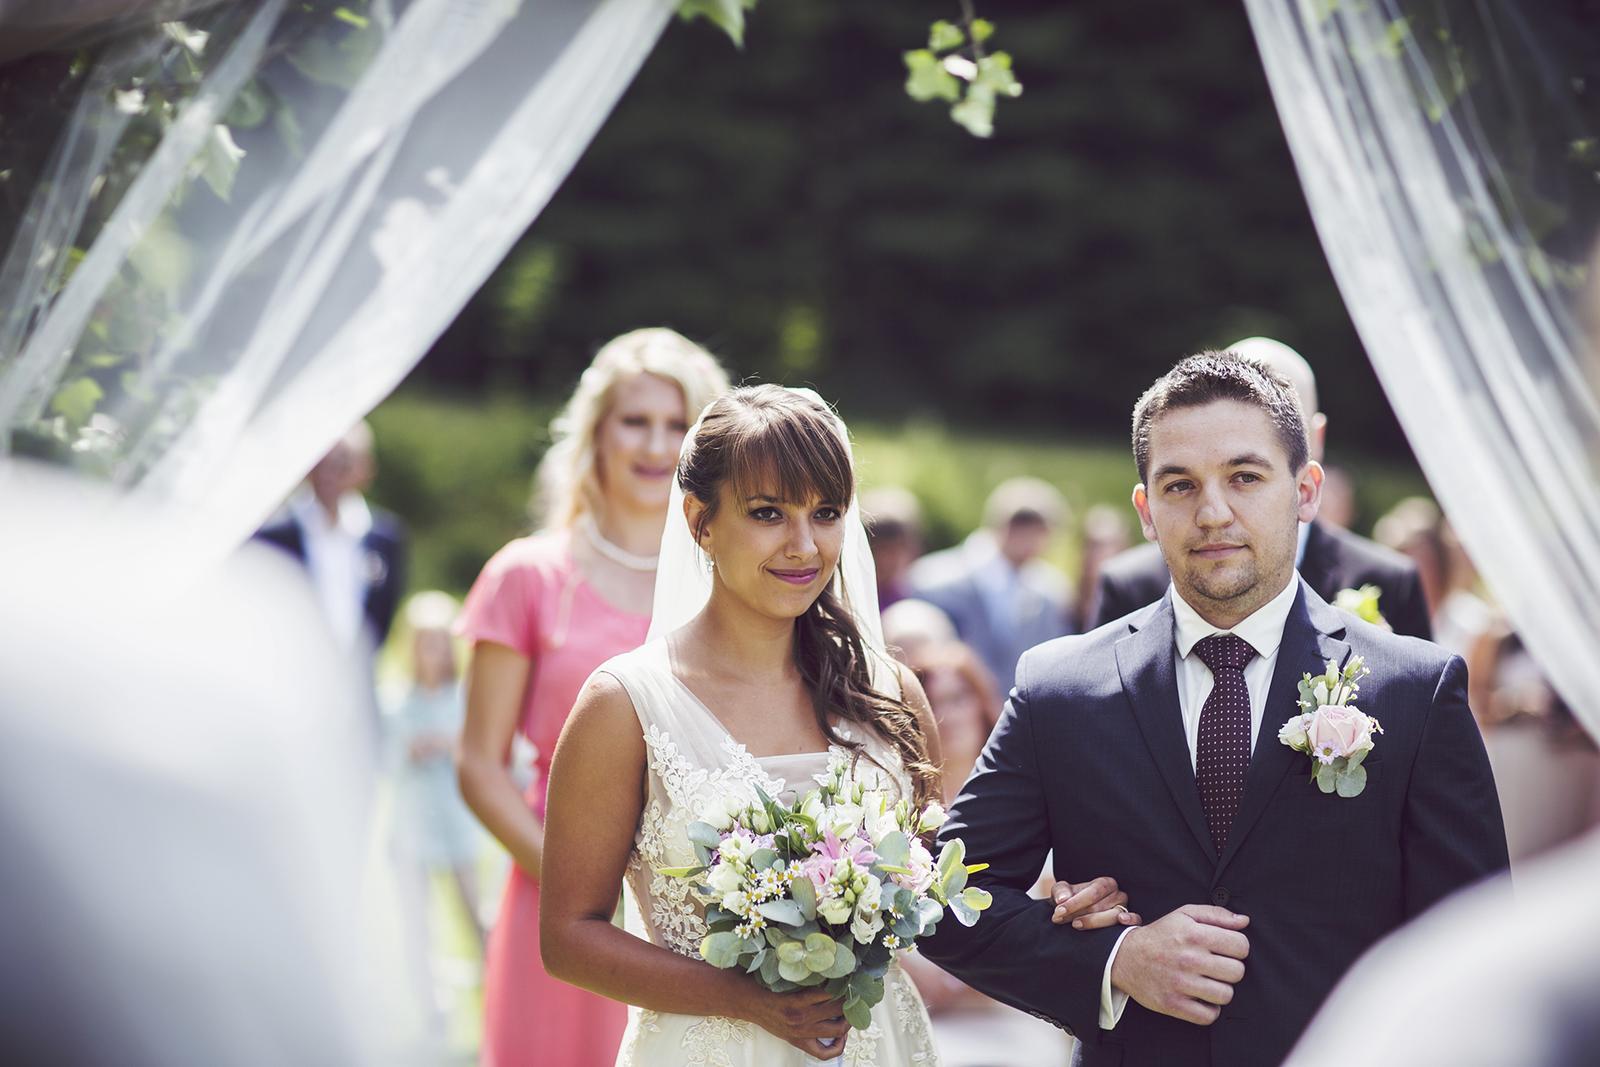 Svatba Krkonose - Obrázek č. 41